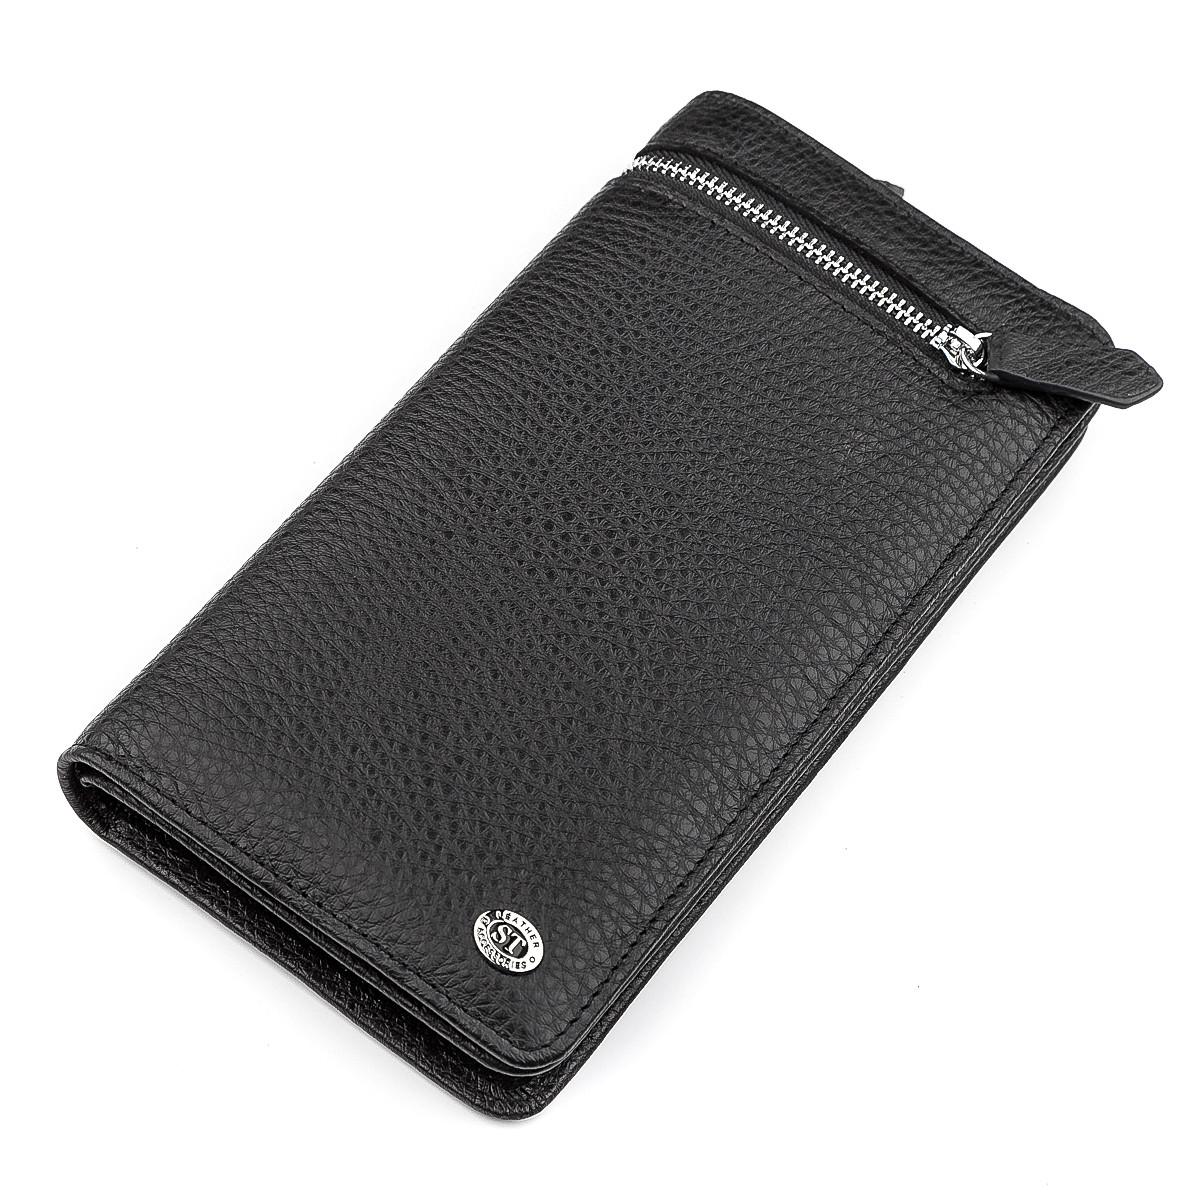 Мужской кошелек ST Leather 18444 (ST291) натуральная кожа Черный